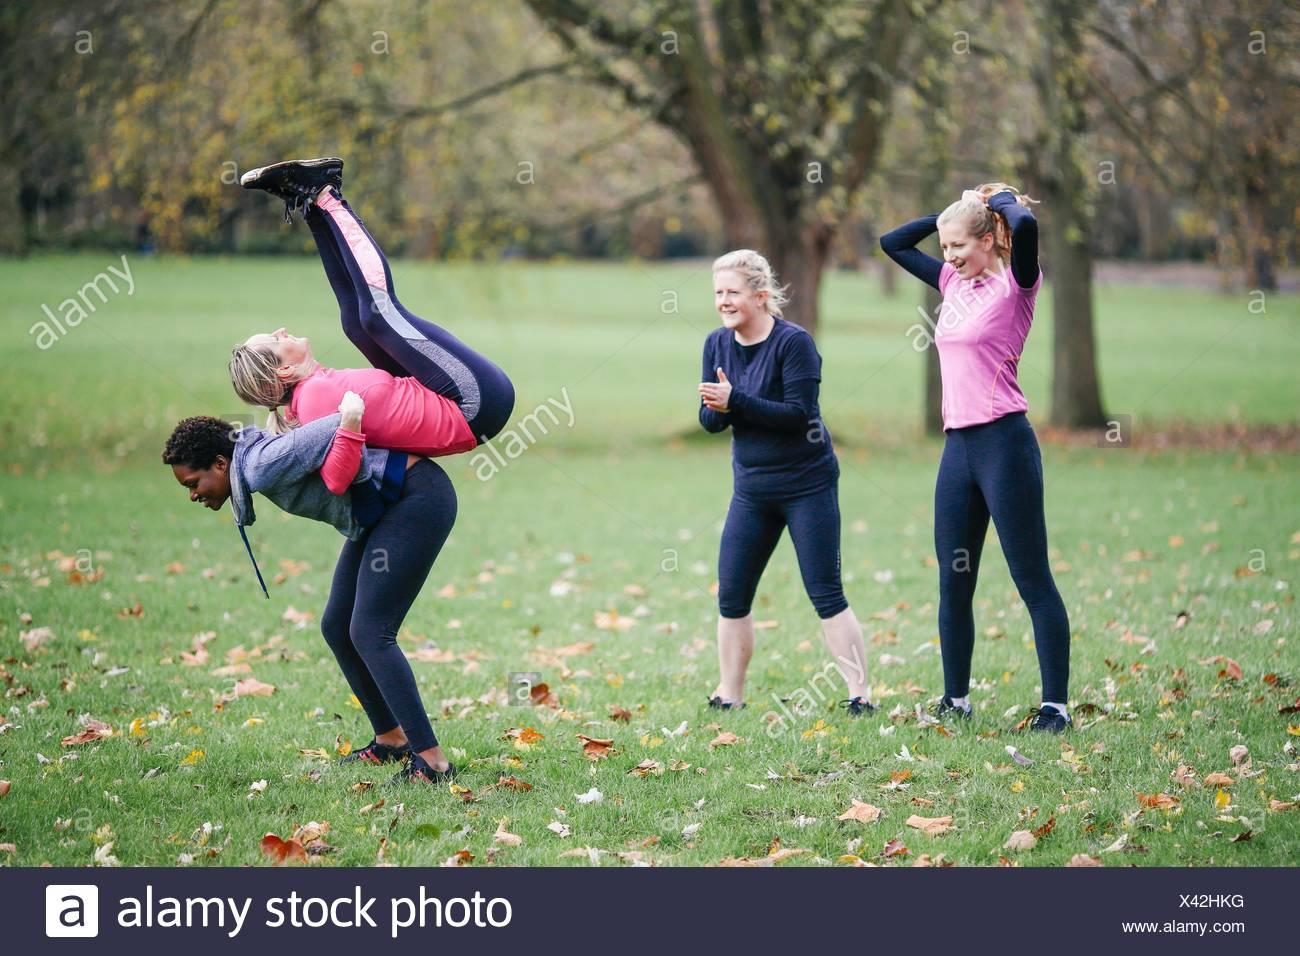 Le donne e i giovani facendo warm up esercizi in posizione di parcheggio Immagini Stock